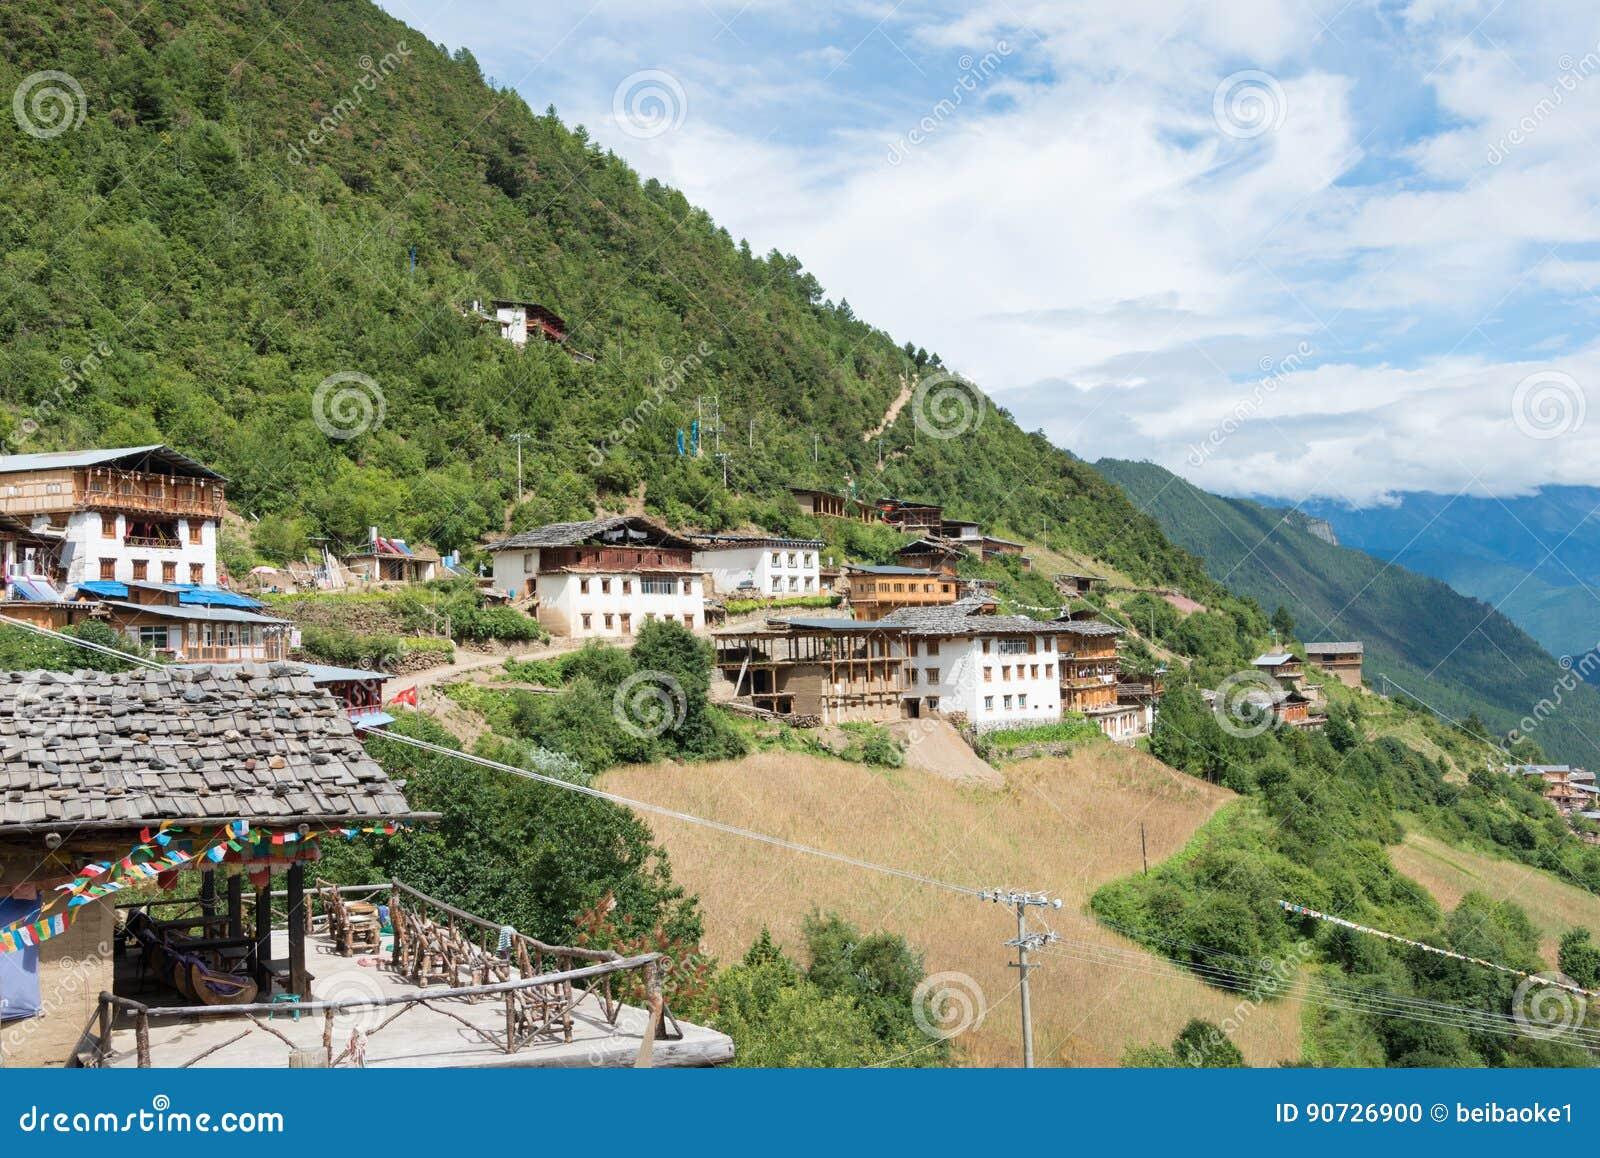 YUBENG, CINA - 8 agosto 2014: Villaggio di Yubeng un punto di riferimento famoso dentro